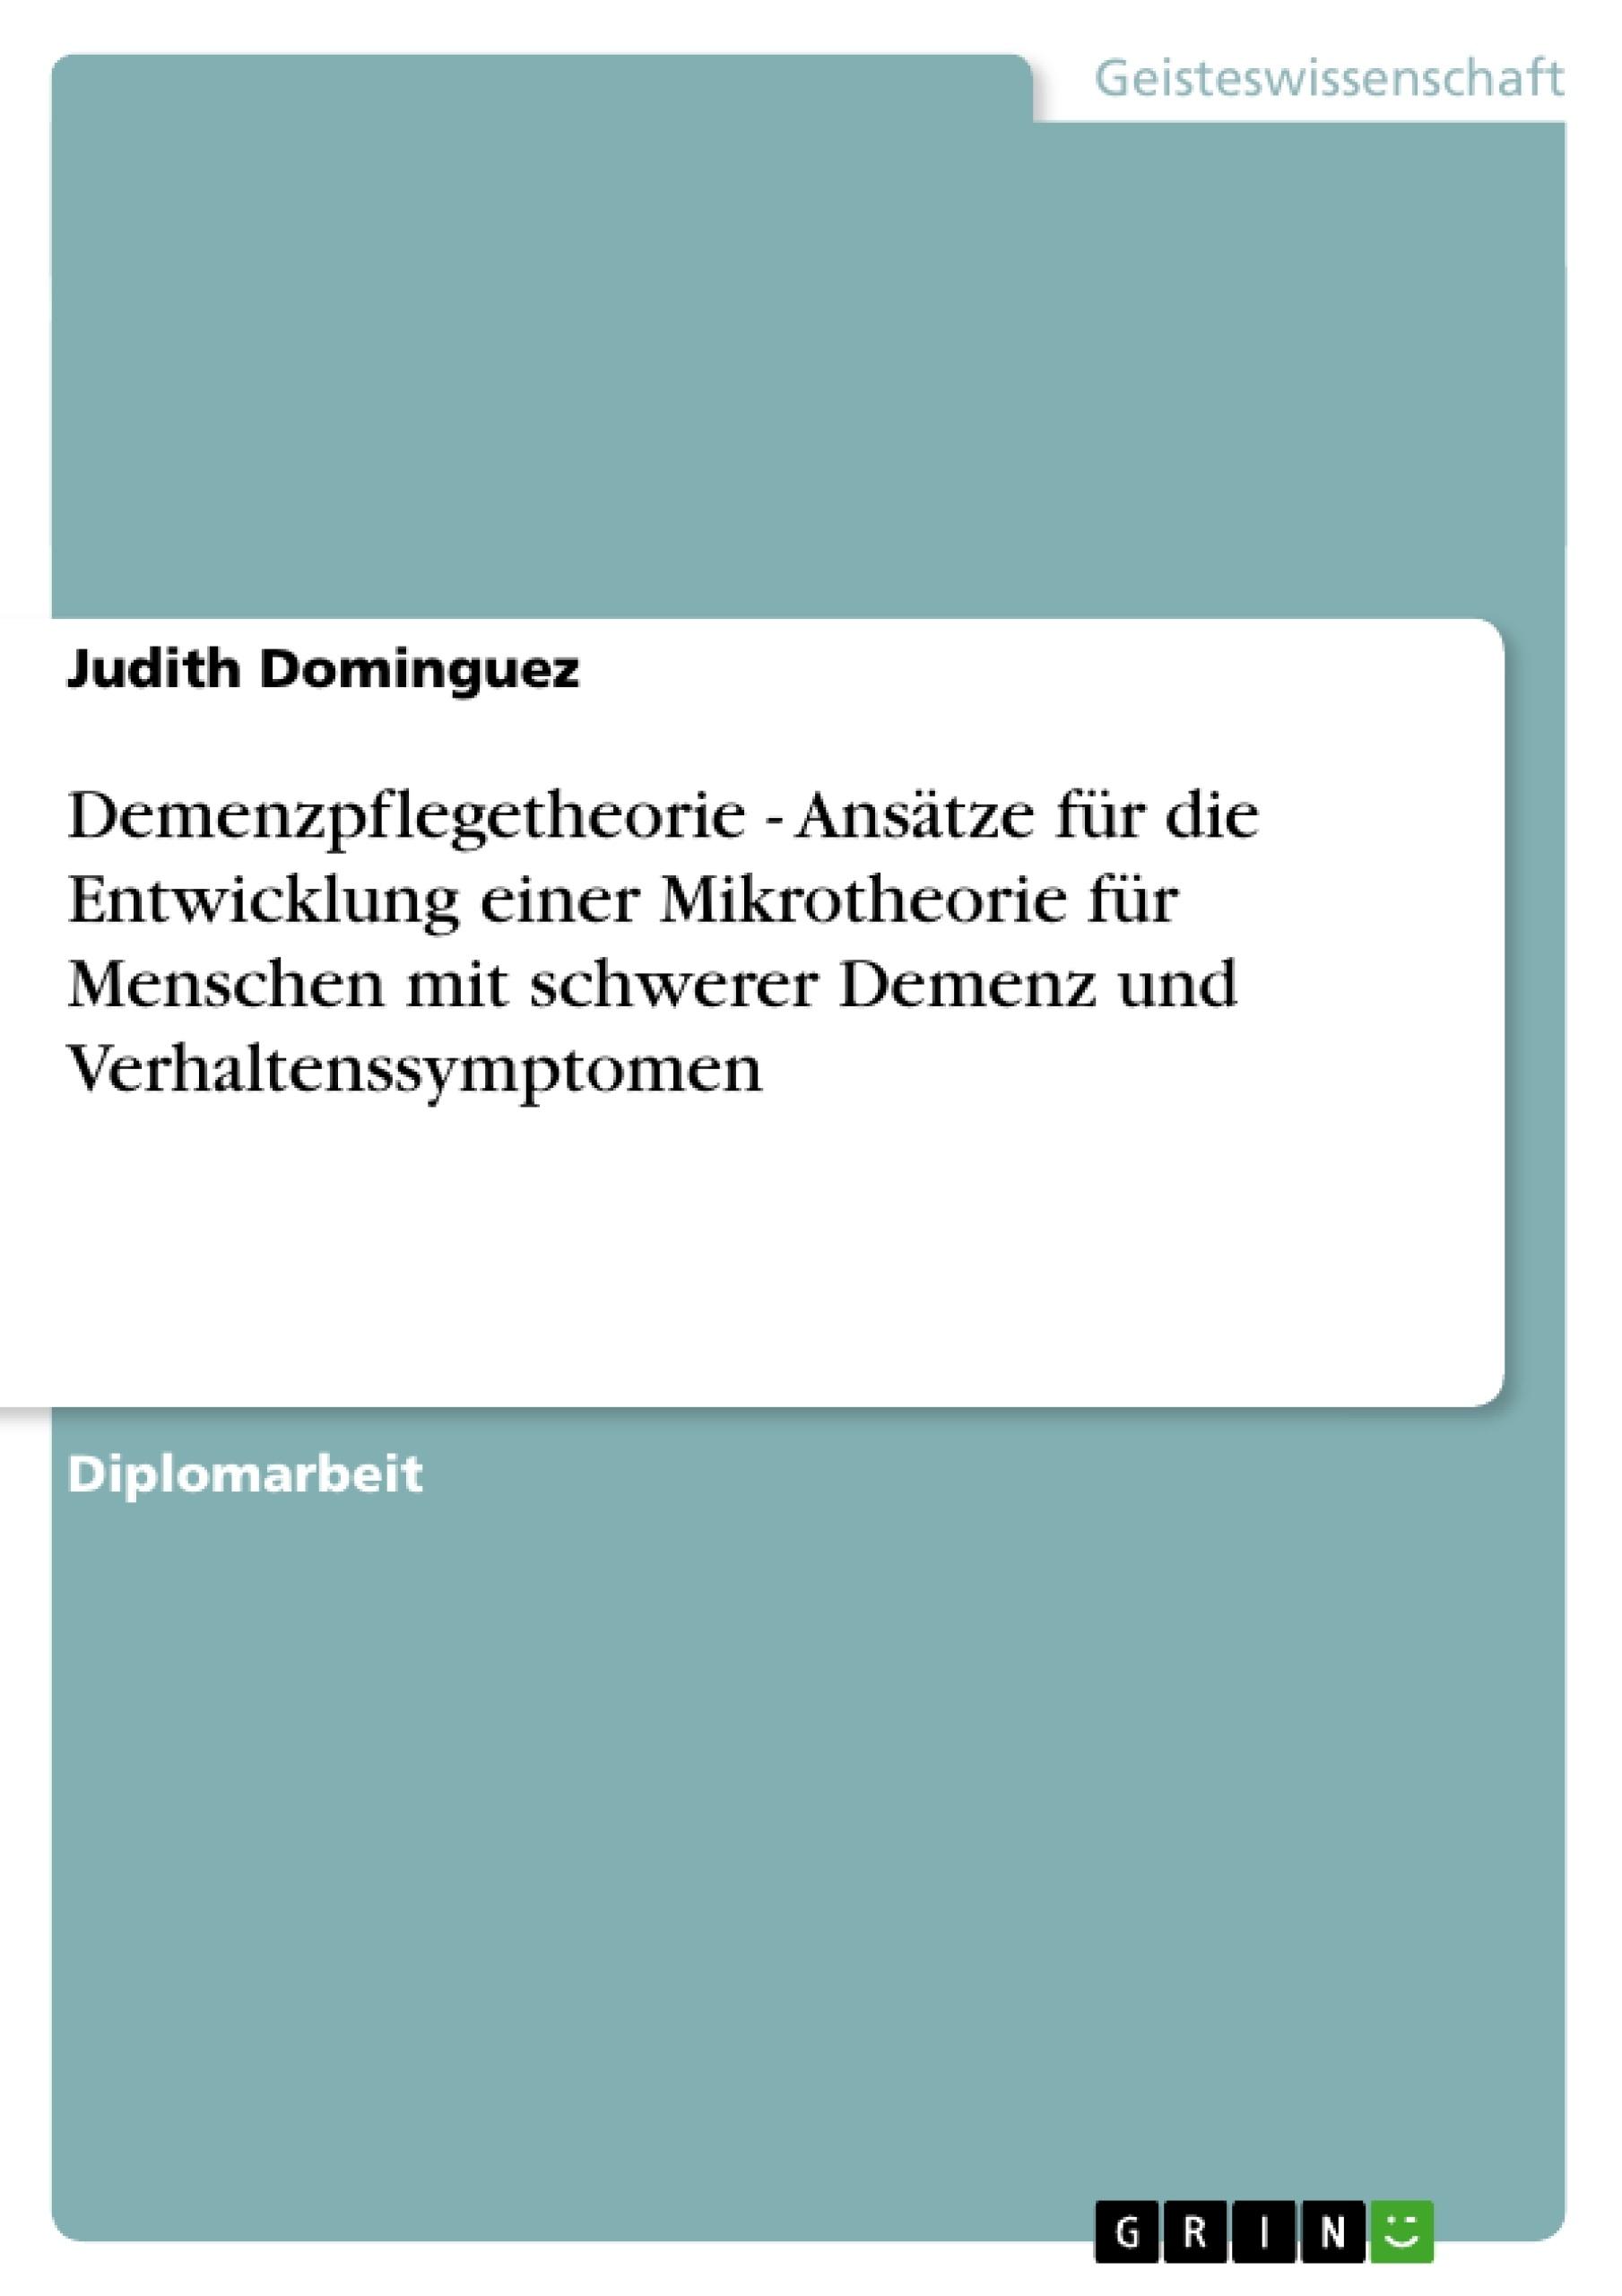 Titel: Demenzpflegetheorie - Ansätze für die Entwicklung einer Mikrotheorie für Menschen mit schwerer Demenz und Verhaltenssymptomen